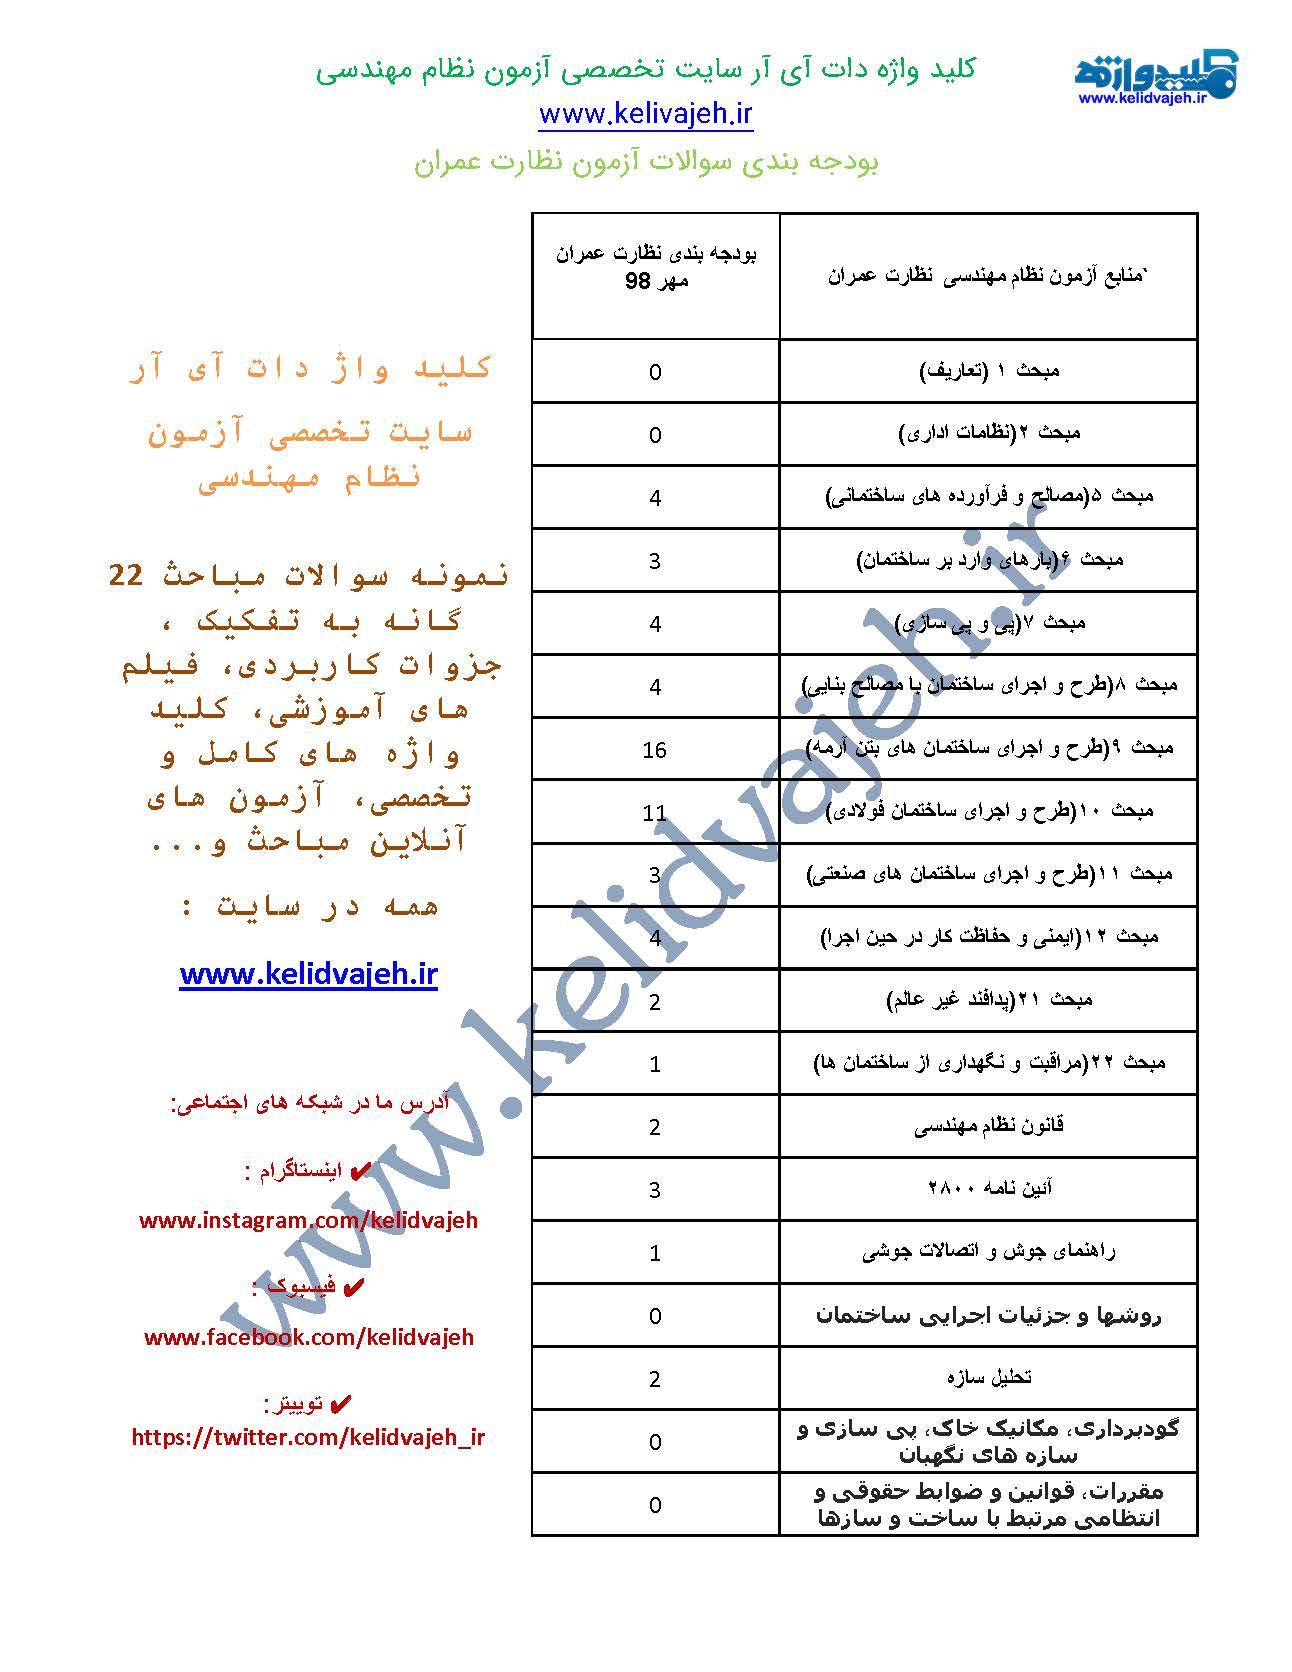 بودجه بندی سوالات نظارت عمران مهر ۹۸ همراه با تحلیل و ارائه نمودار